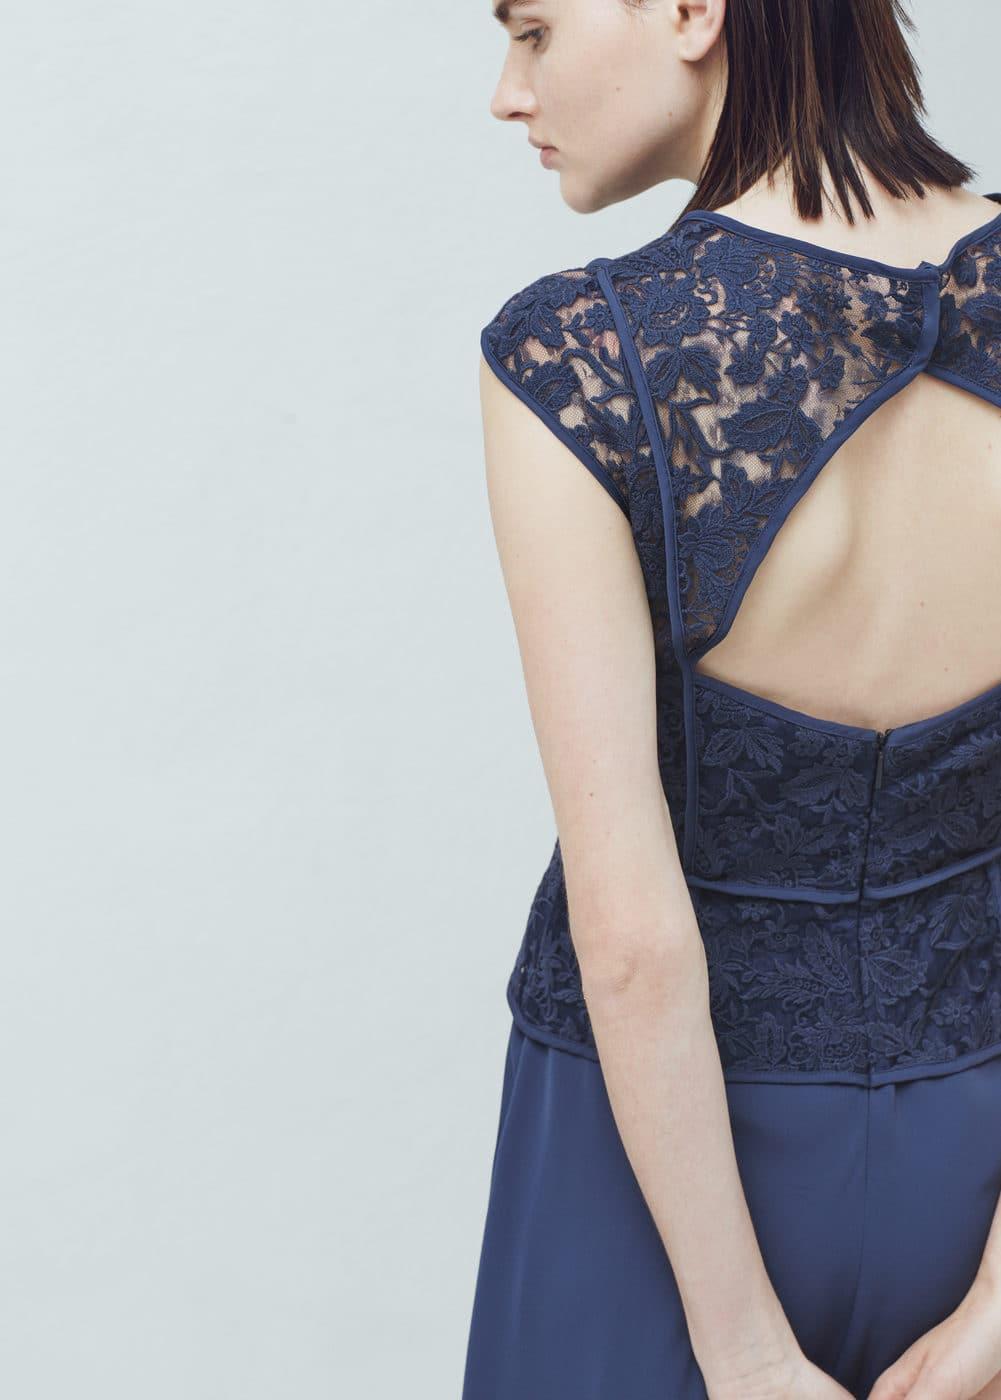 凸纹花边礼服